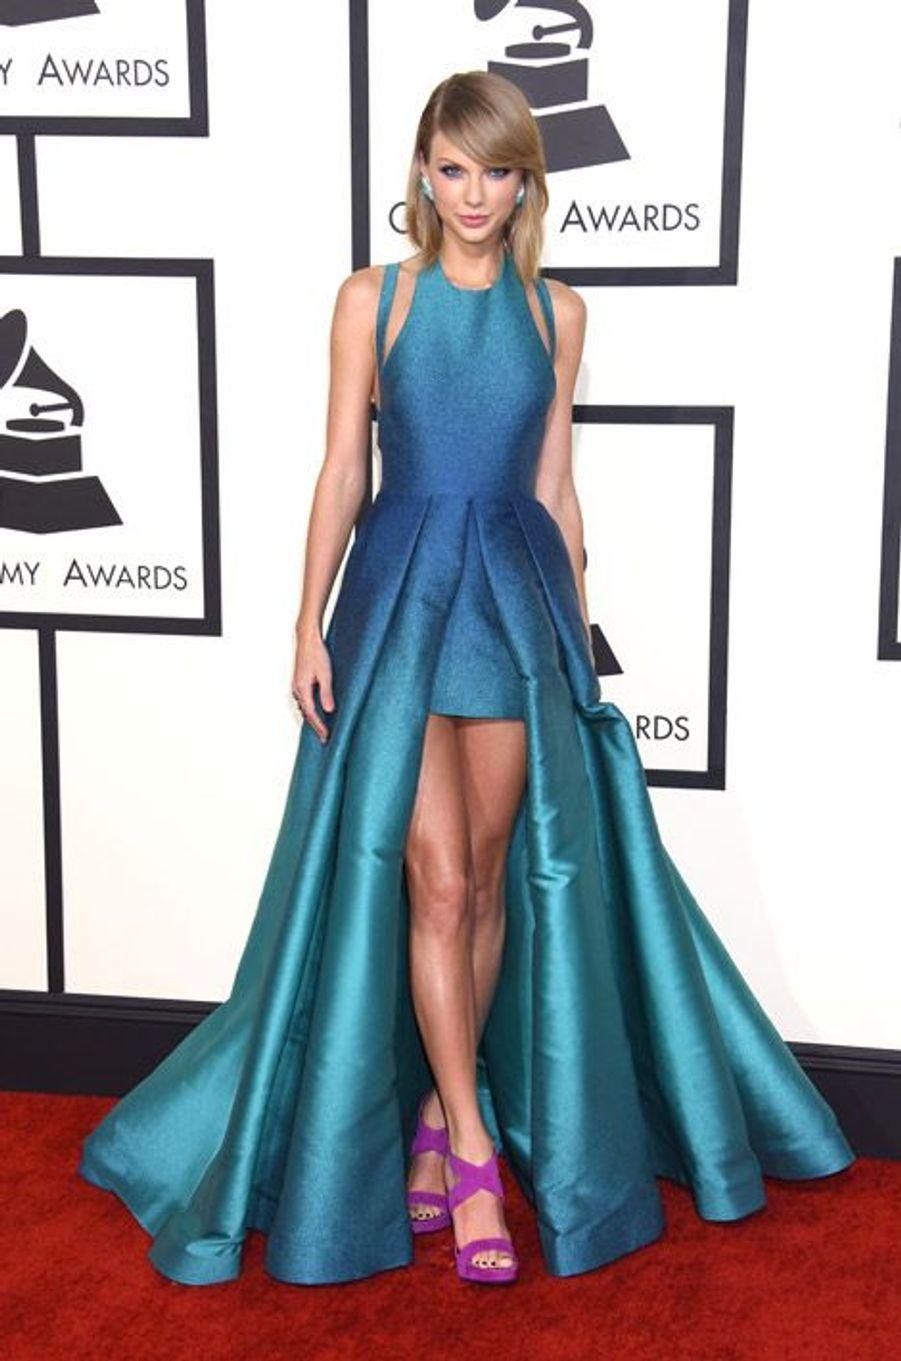 La chanteuse Taylor Swift en Elie Saab lors de la cérémonie des Grammy Awards à Los Angeles, le 8 février 2015